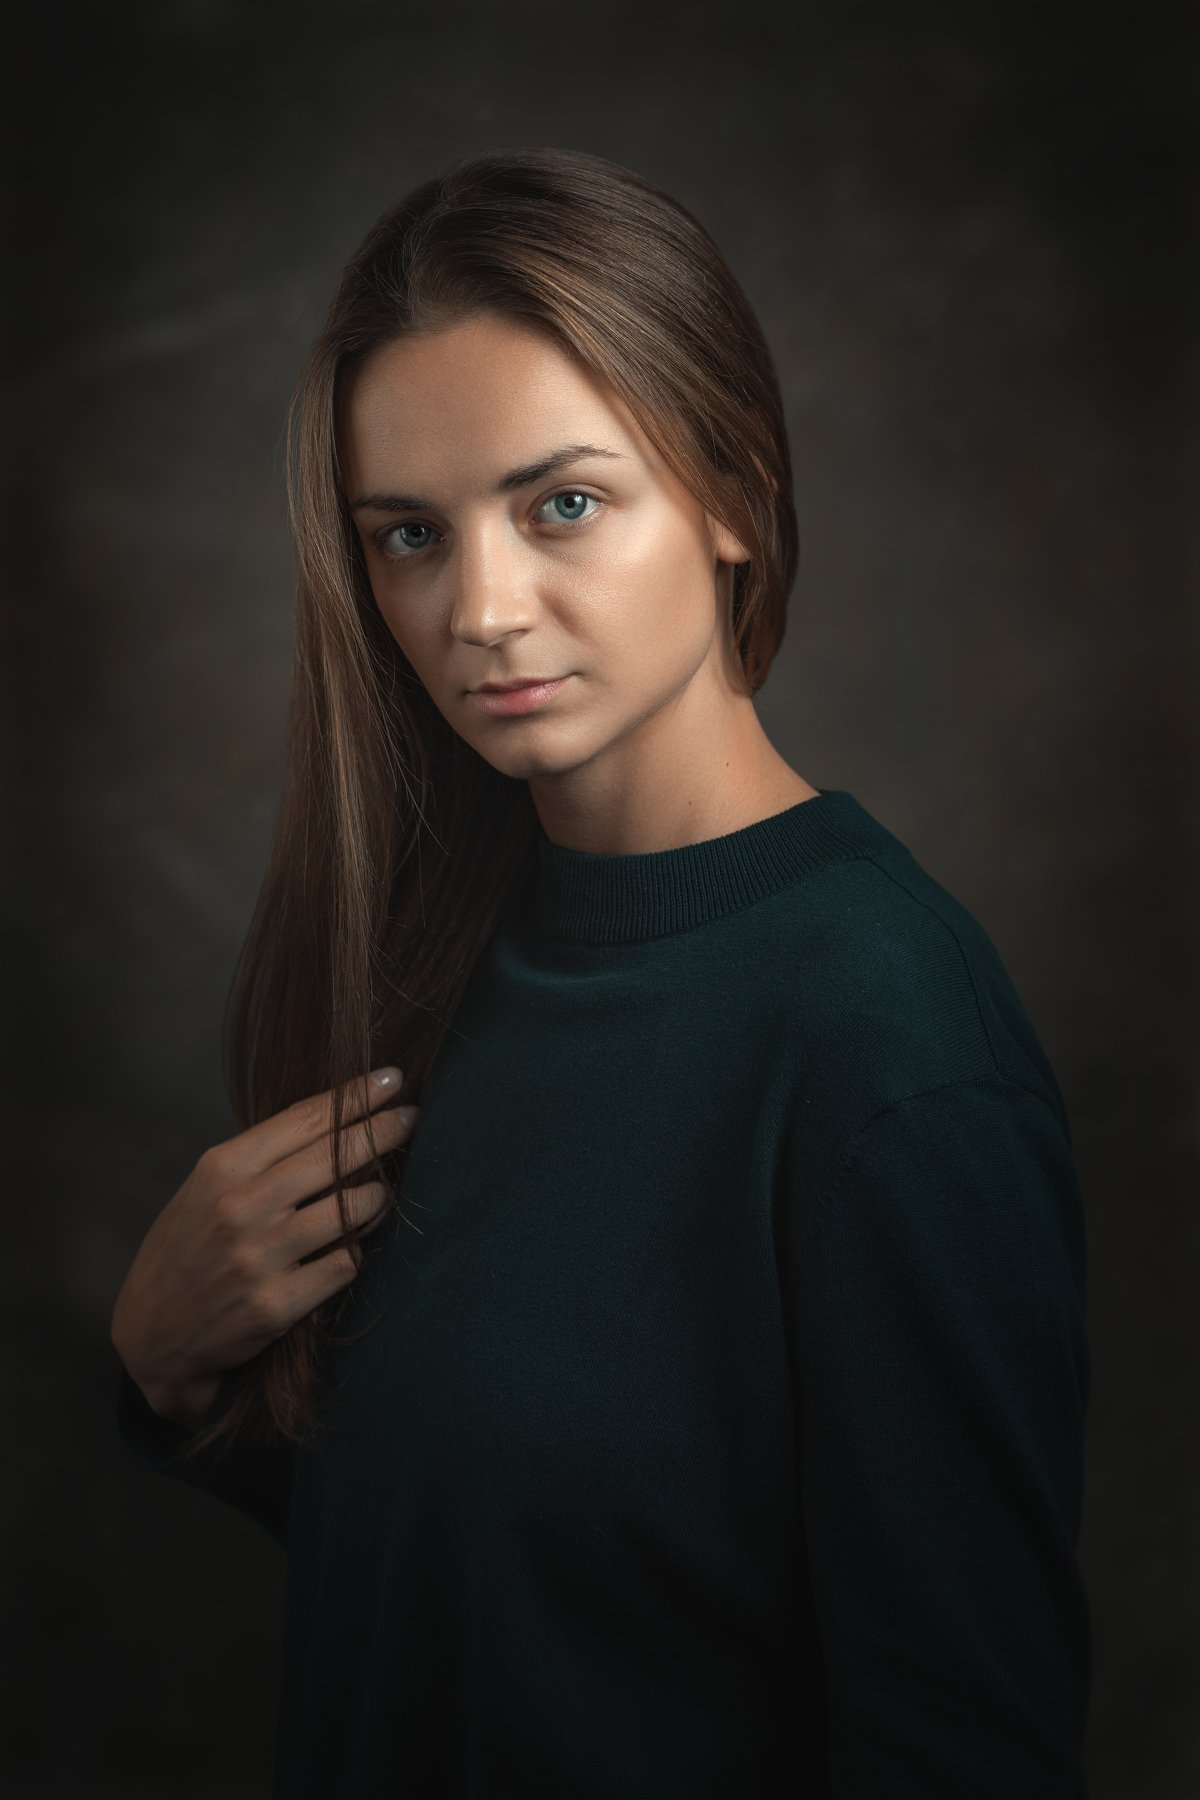 Женский портрет, зеленый джемпер, распущенные волосы, Сергей Анисимов